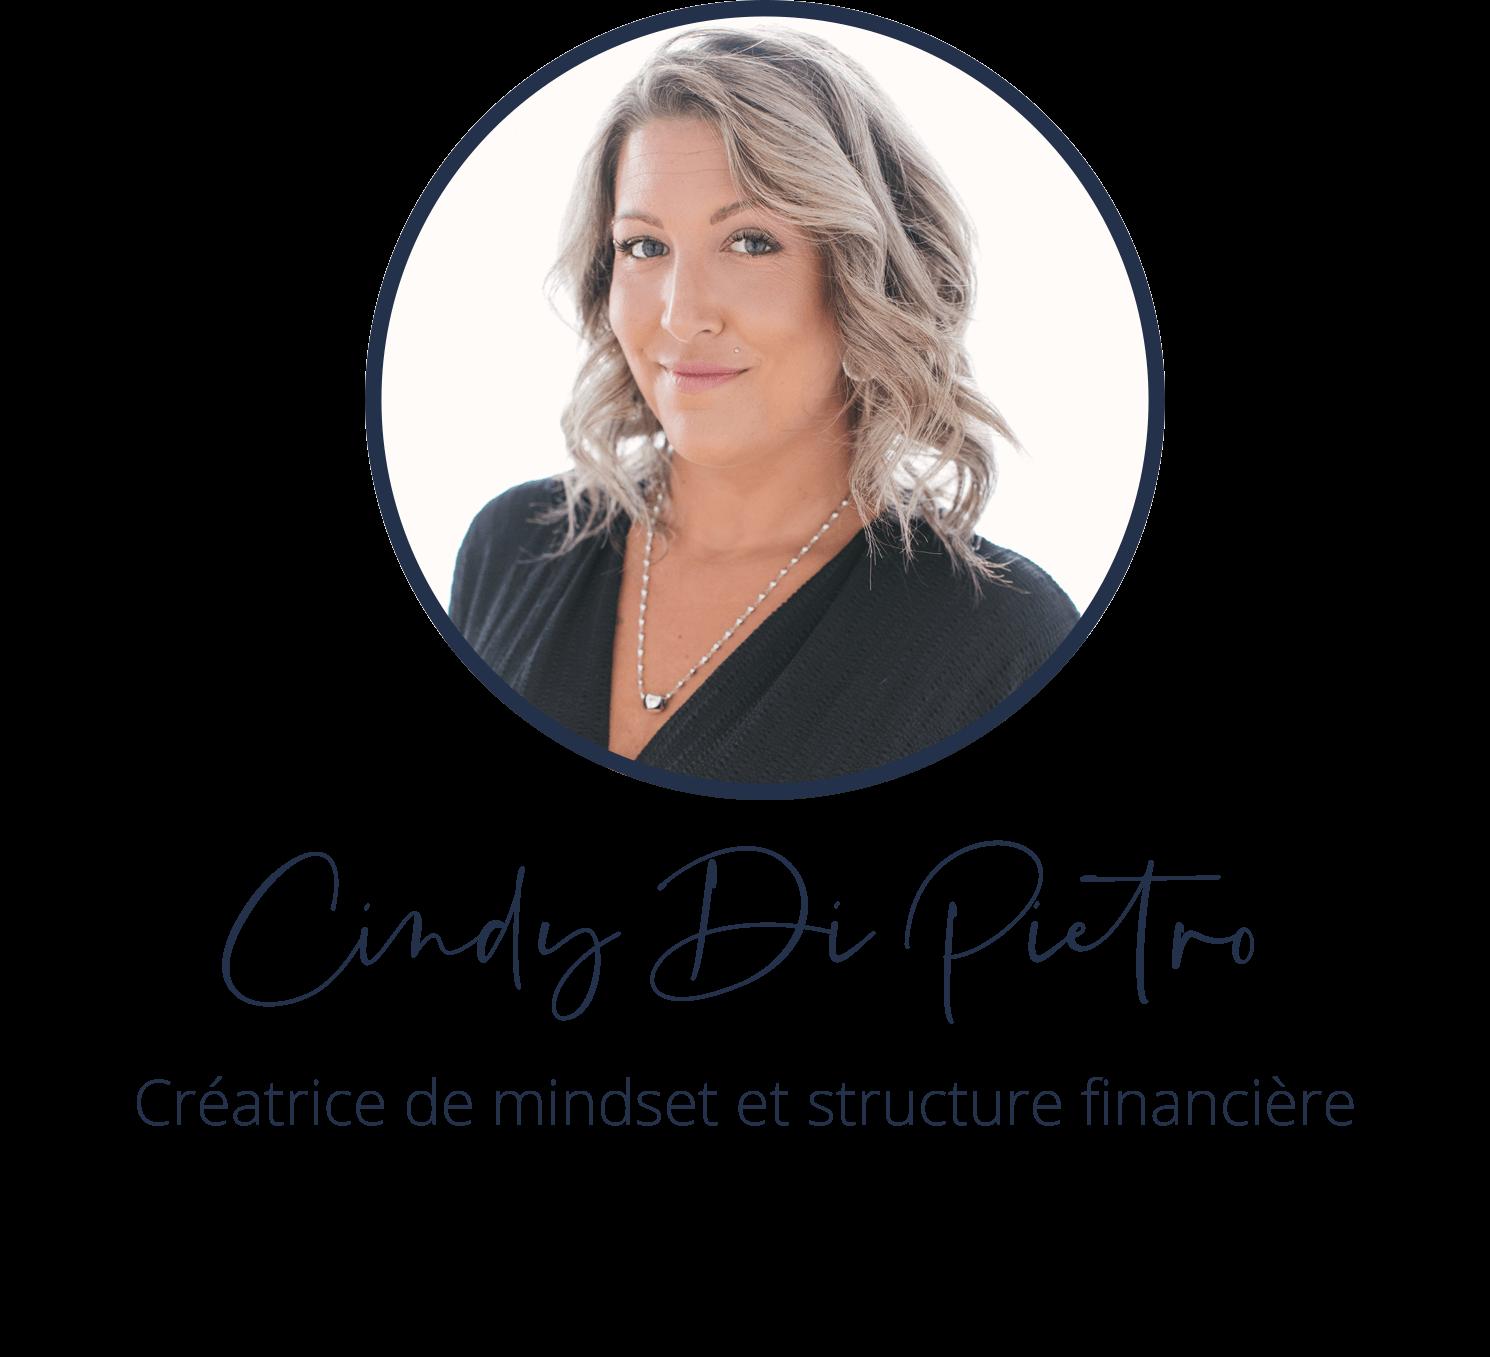 Cindy Di Pietro, créatrice de mindset et structure financière